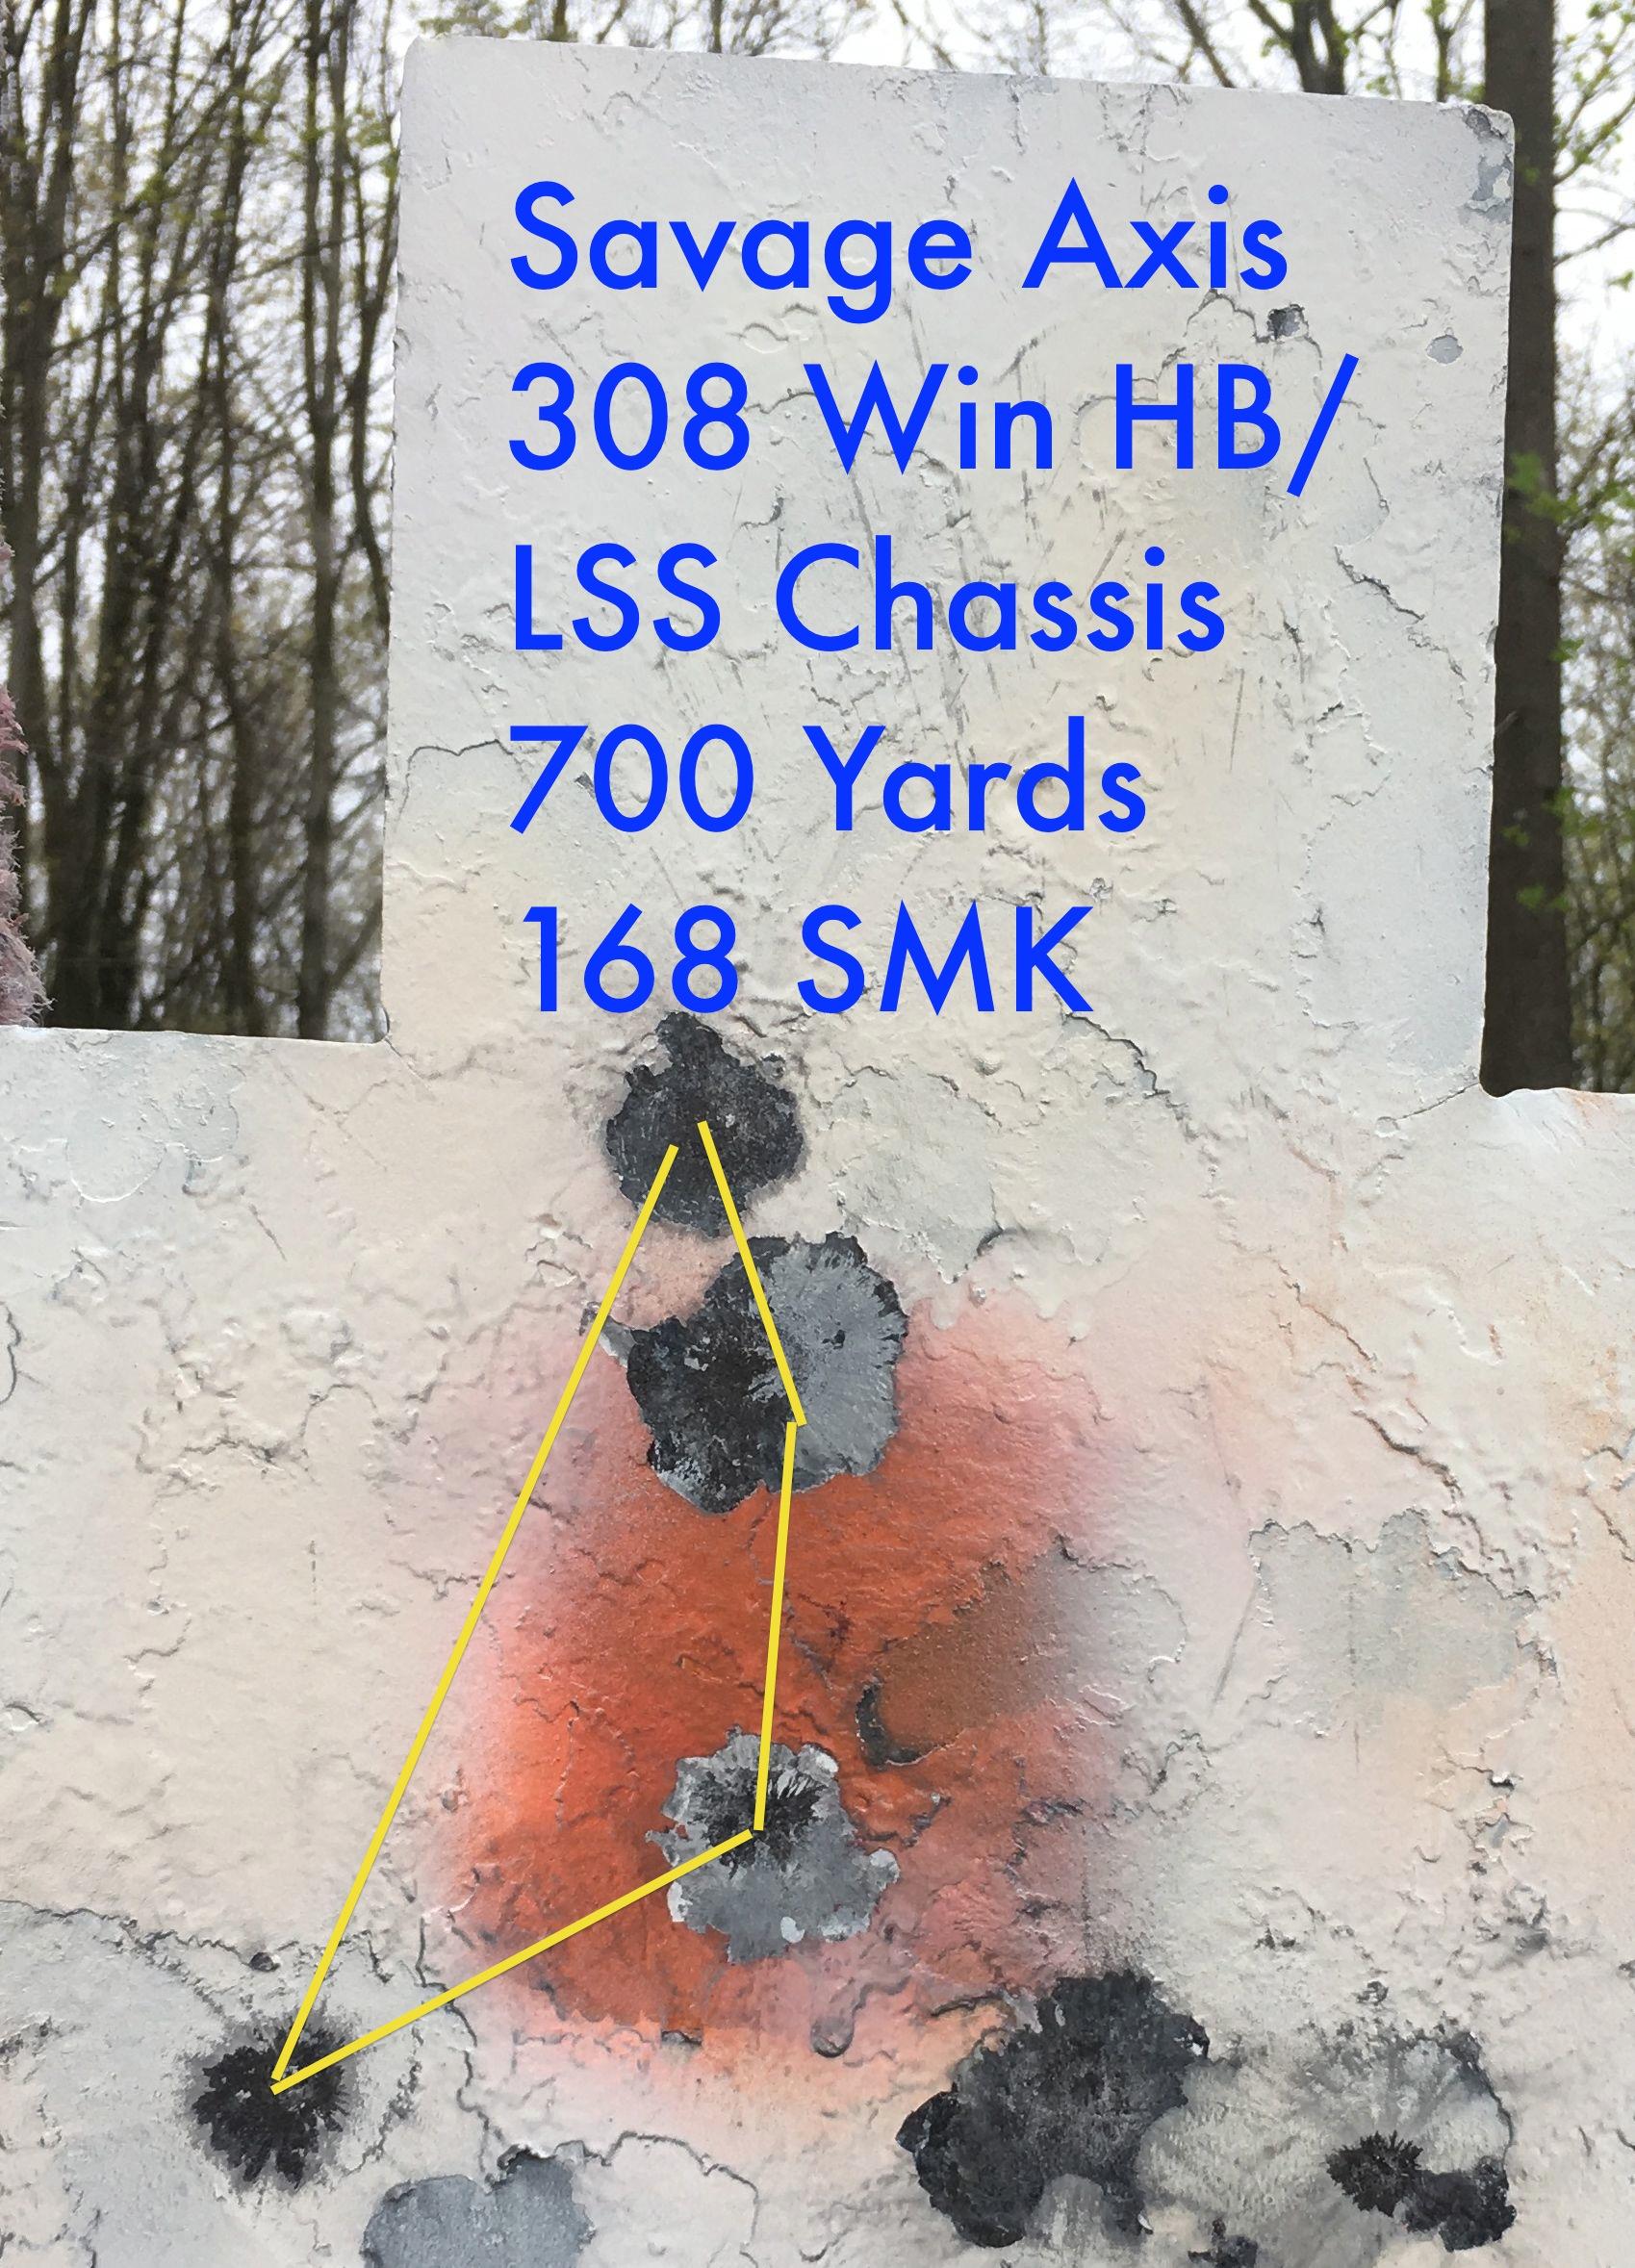 savage axis 308 HV at 700 yards 168 SMK